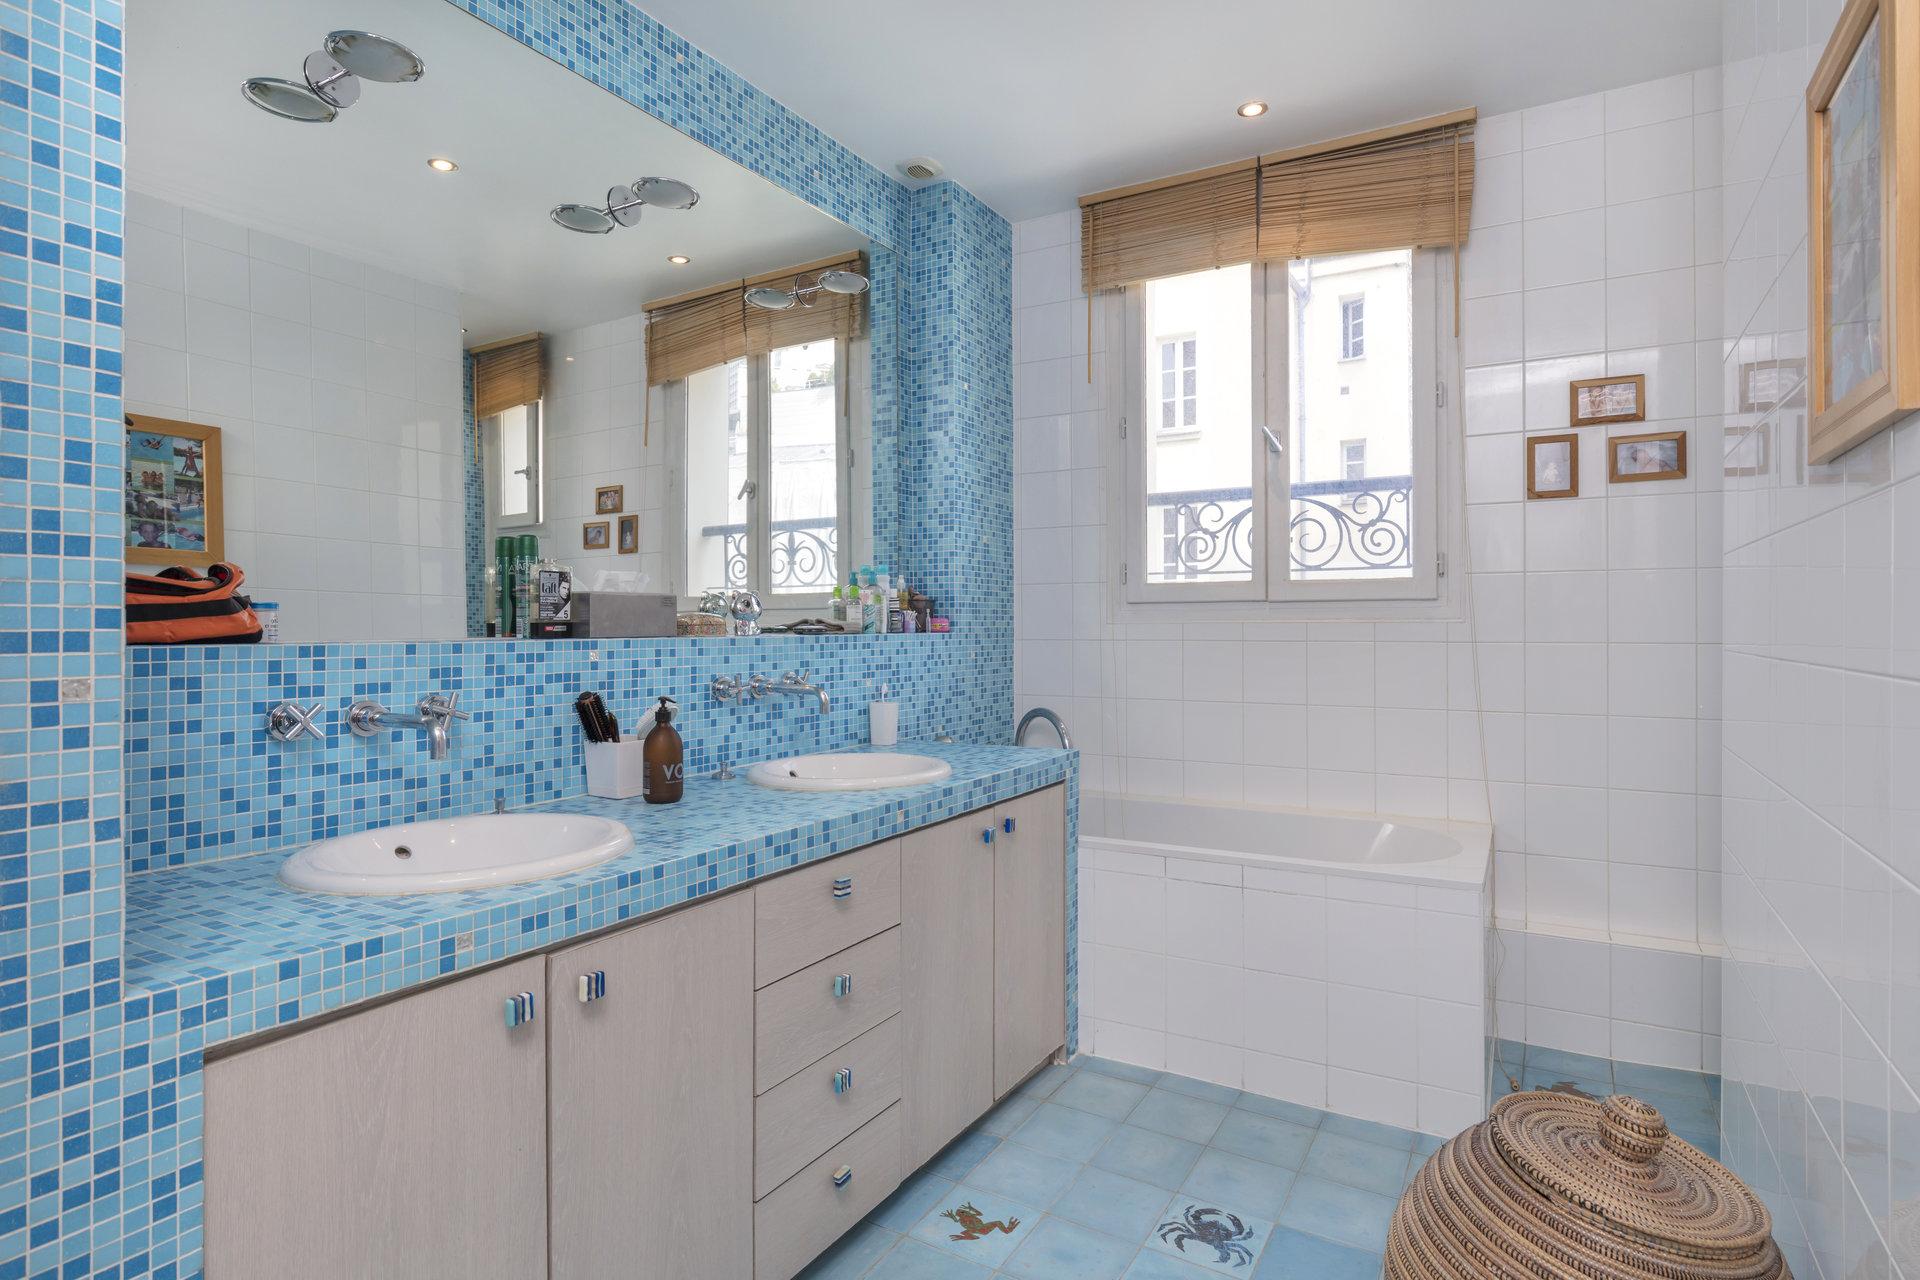 house-for-sale-puteaux-terrace-quiet-street-laundry-room-veranda